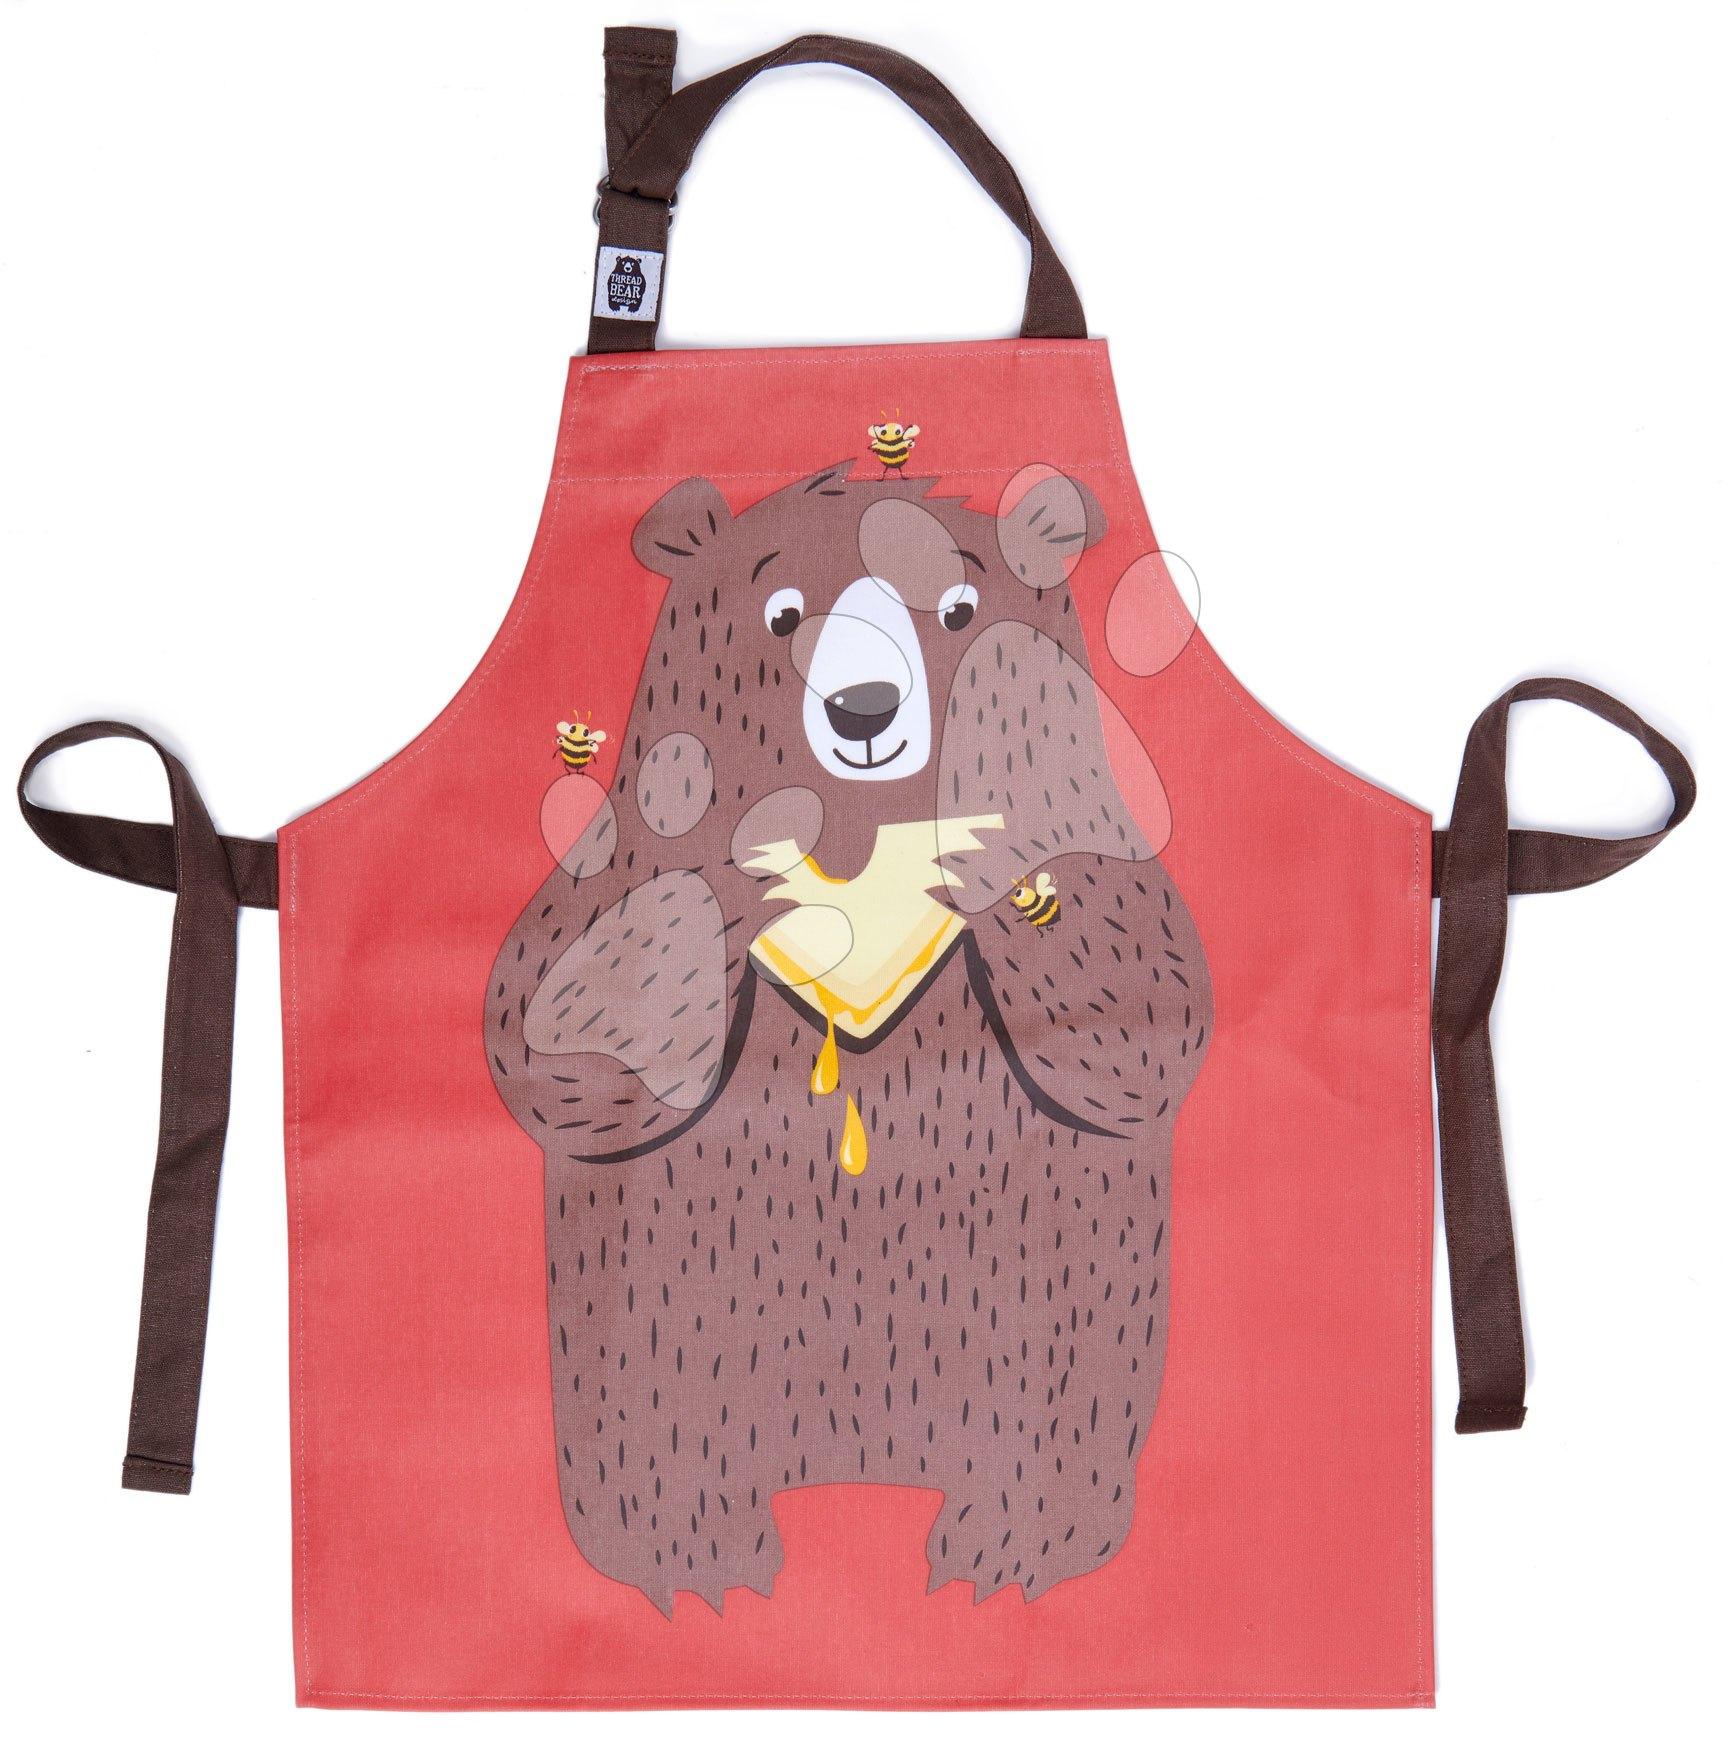 Zástera pre deti medveď Fred The Bear Cotton Apron ThreadBear z bavlny od 6-8 rokov